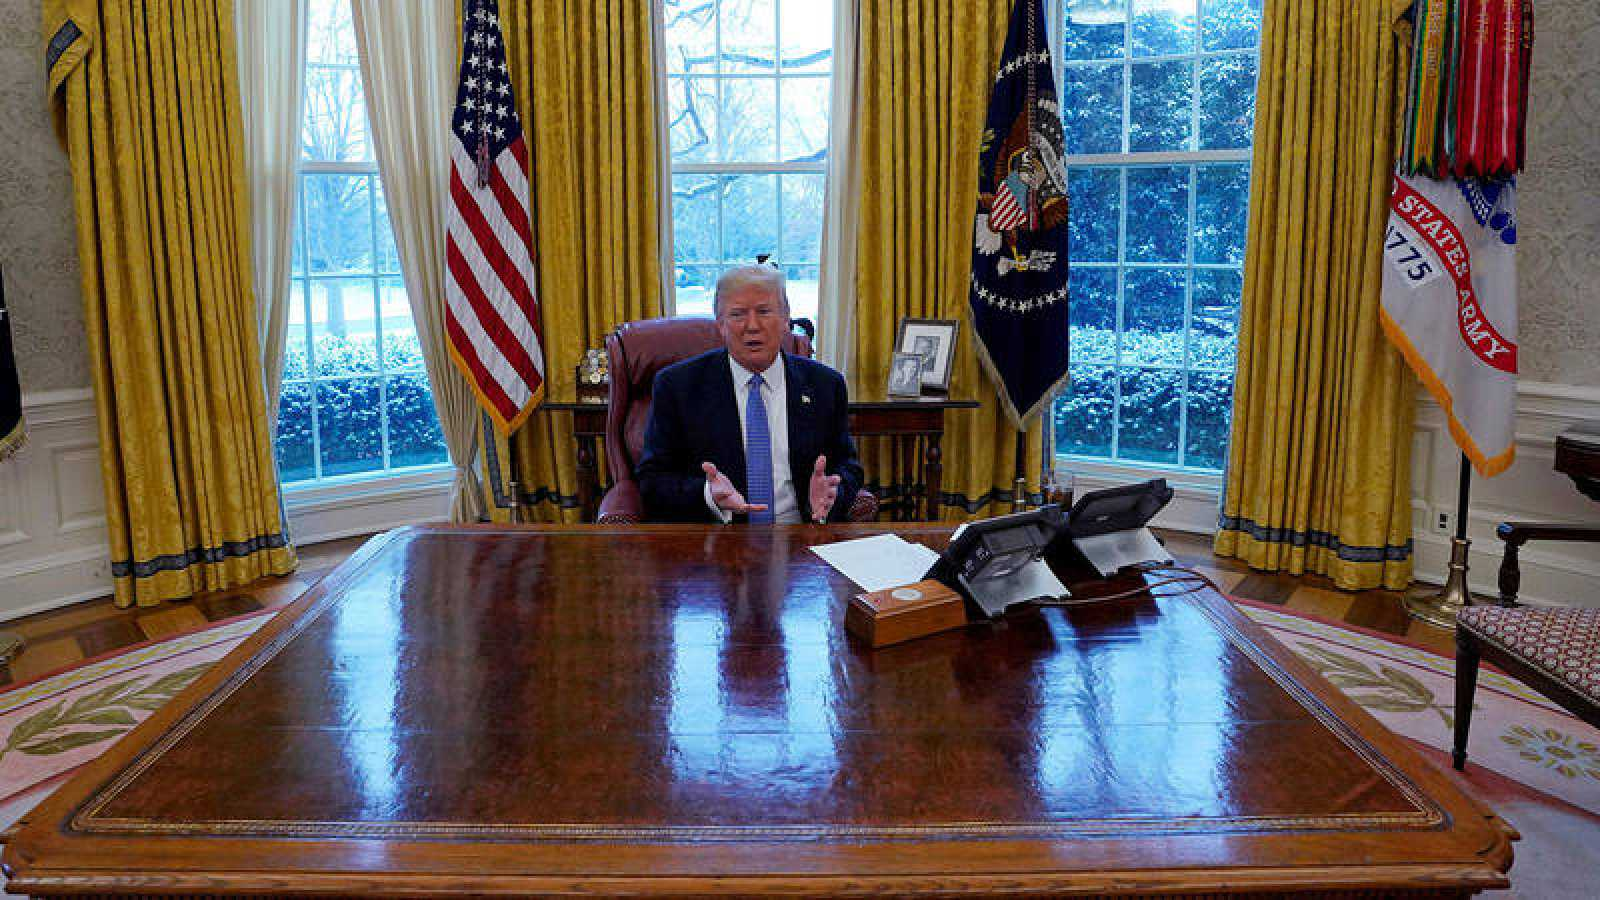 El presidente de los Estados Unidos, Donald Trump, en su despacho de la Casa Blanca